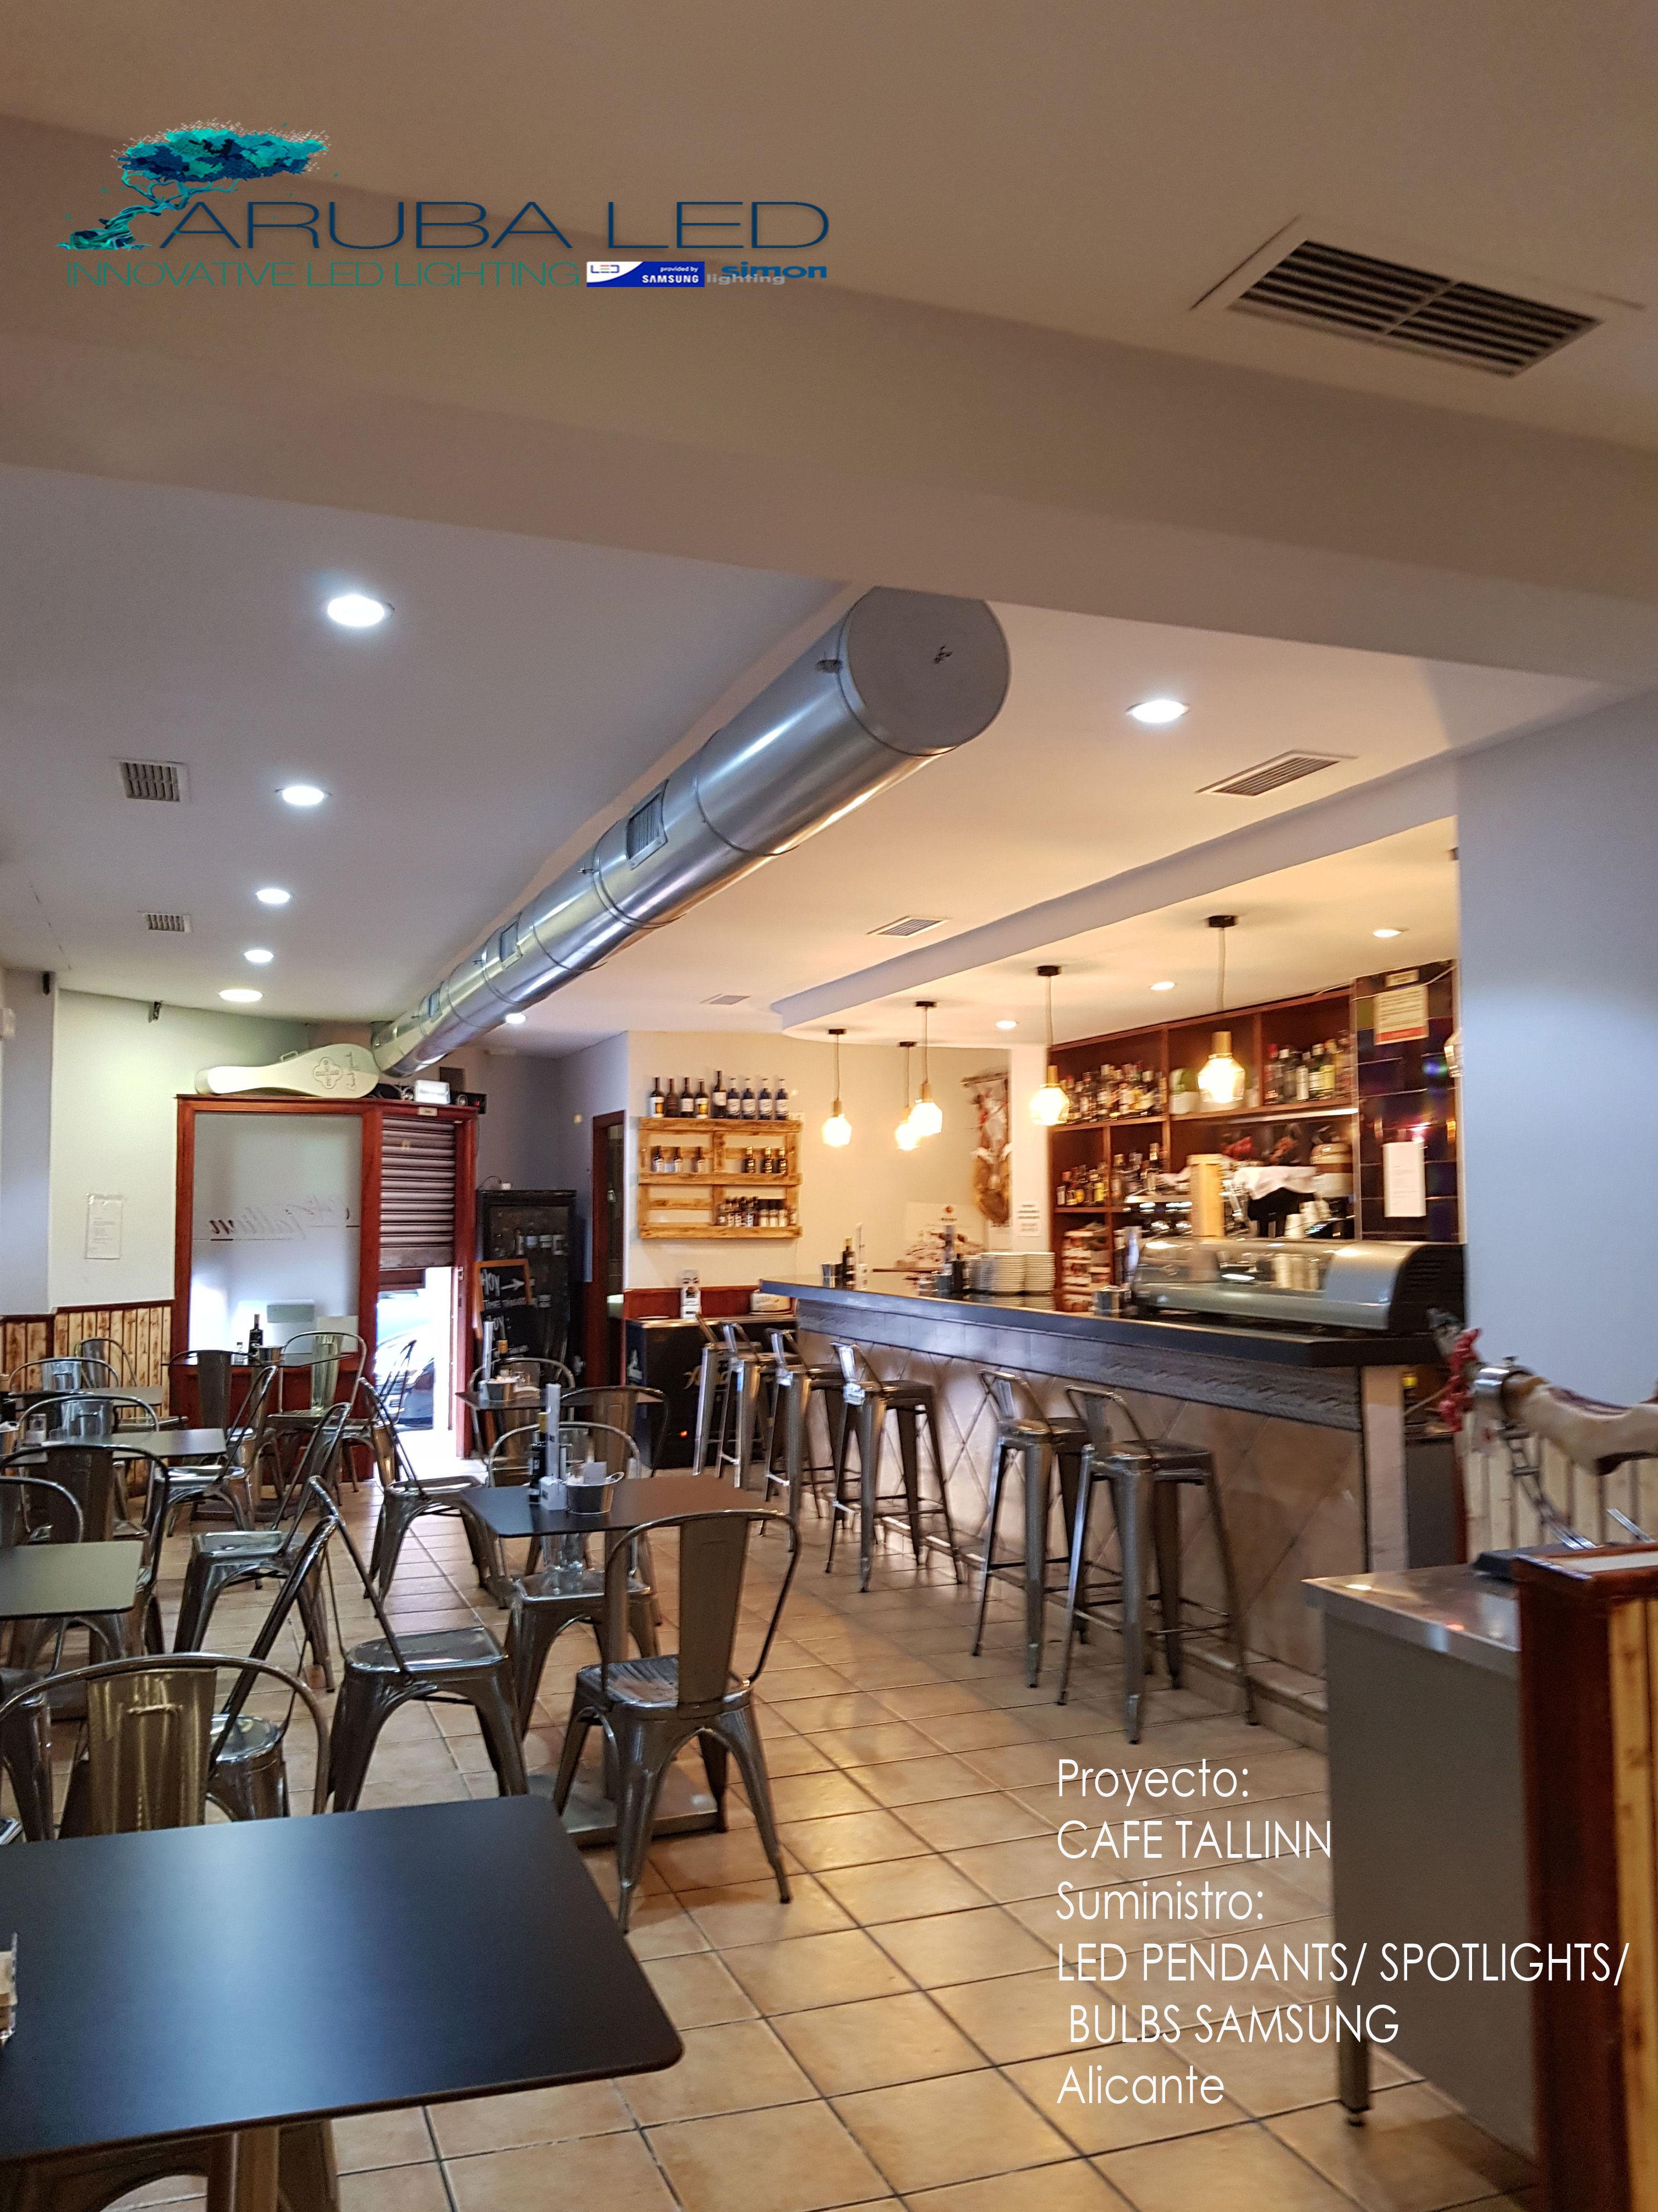 Iluminacion CAFE TALLINN